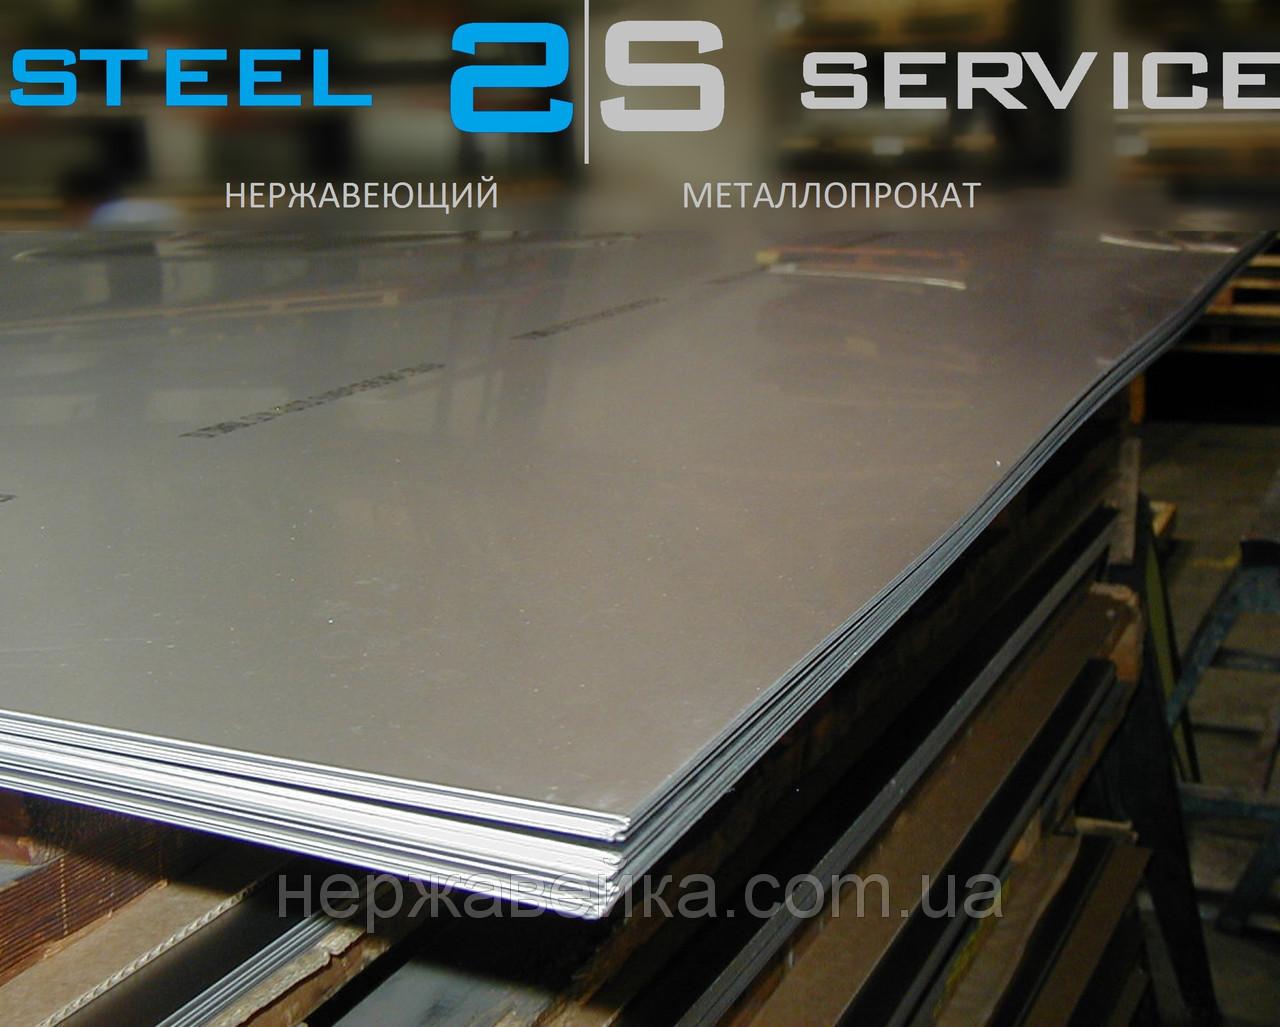 Нержавейка лист 5х1500х3000мм  AISI 310(20Х23Н18) F1 - горячекатанный,  жаропрочный